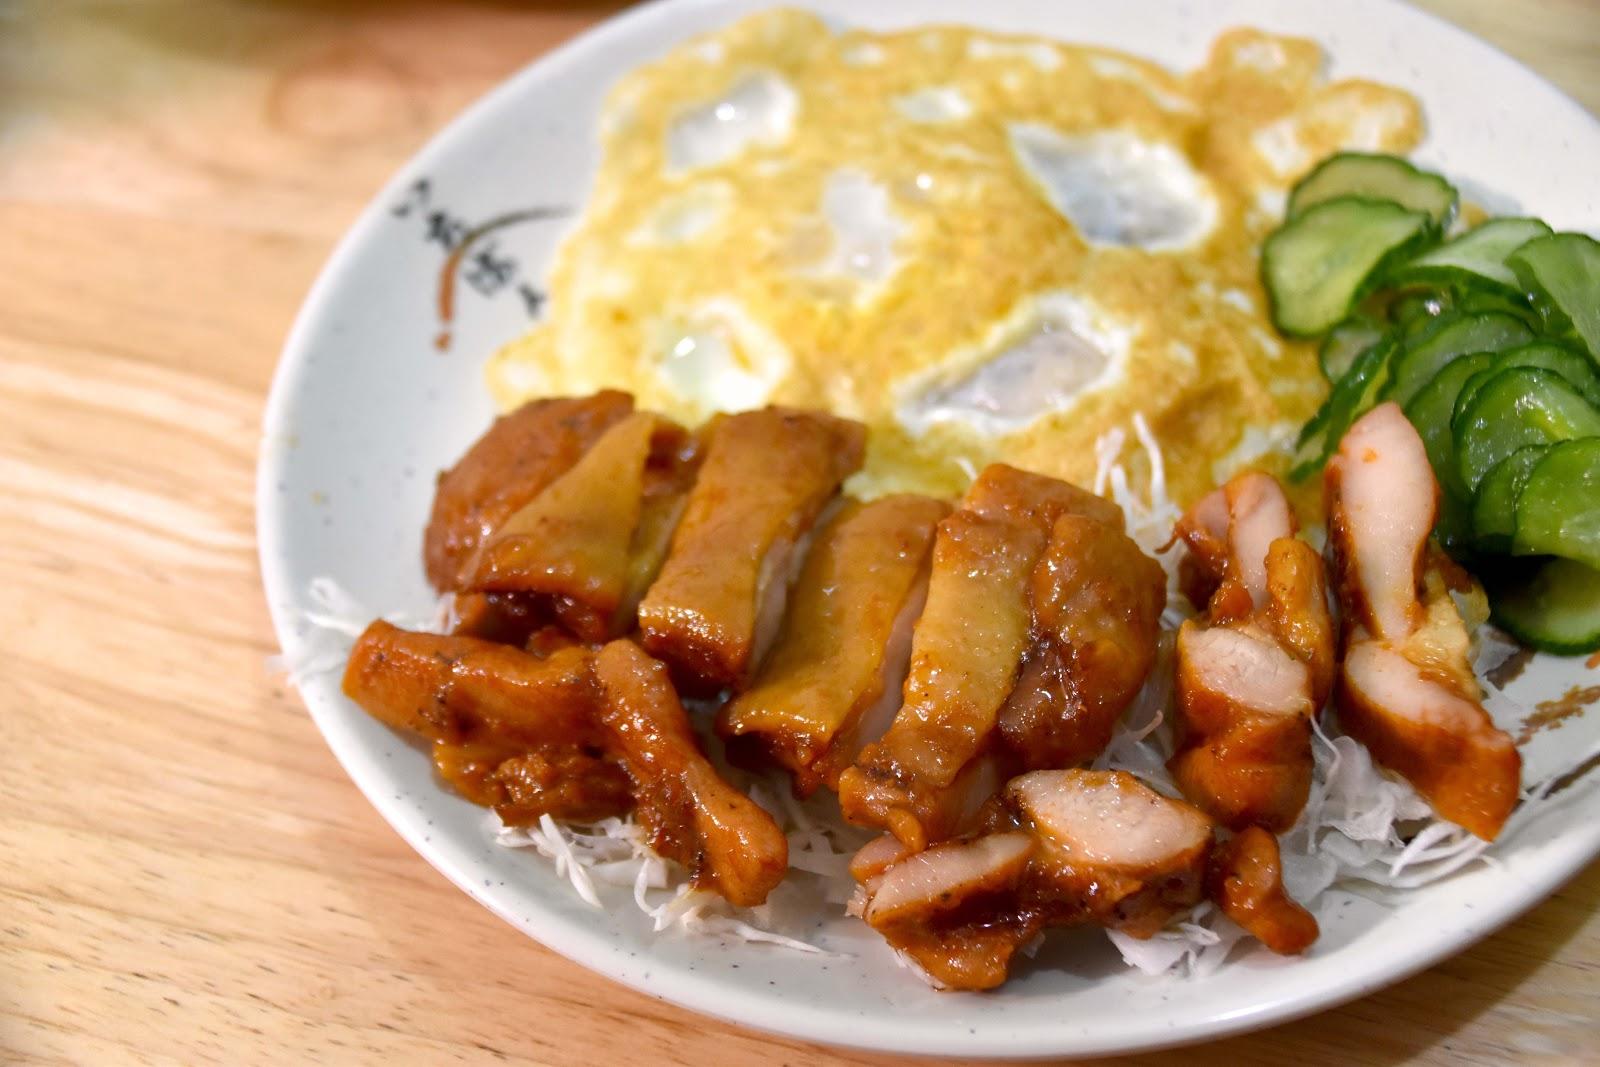 【台南|中西】涼咪咪 府前店,老牌早餐宵夜選擇!營養又豐富的餐點讓你宵夜不再那麼罪惡!🍃